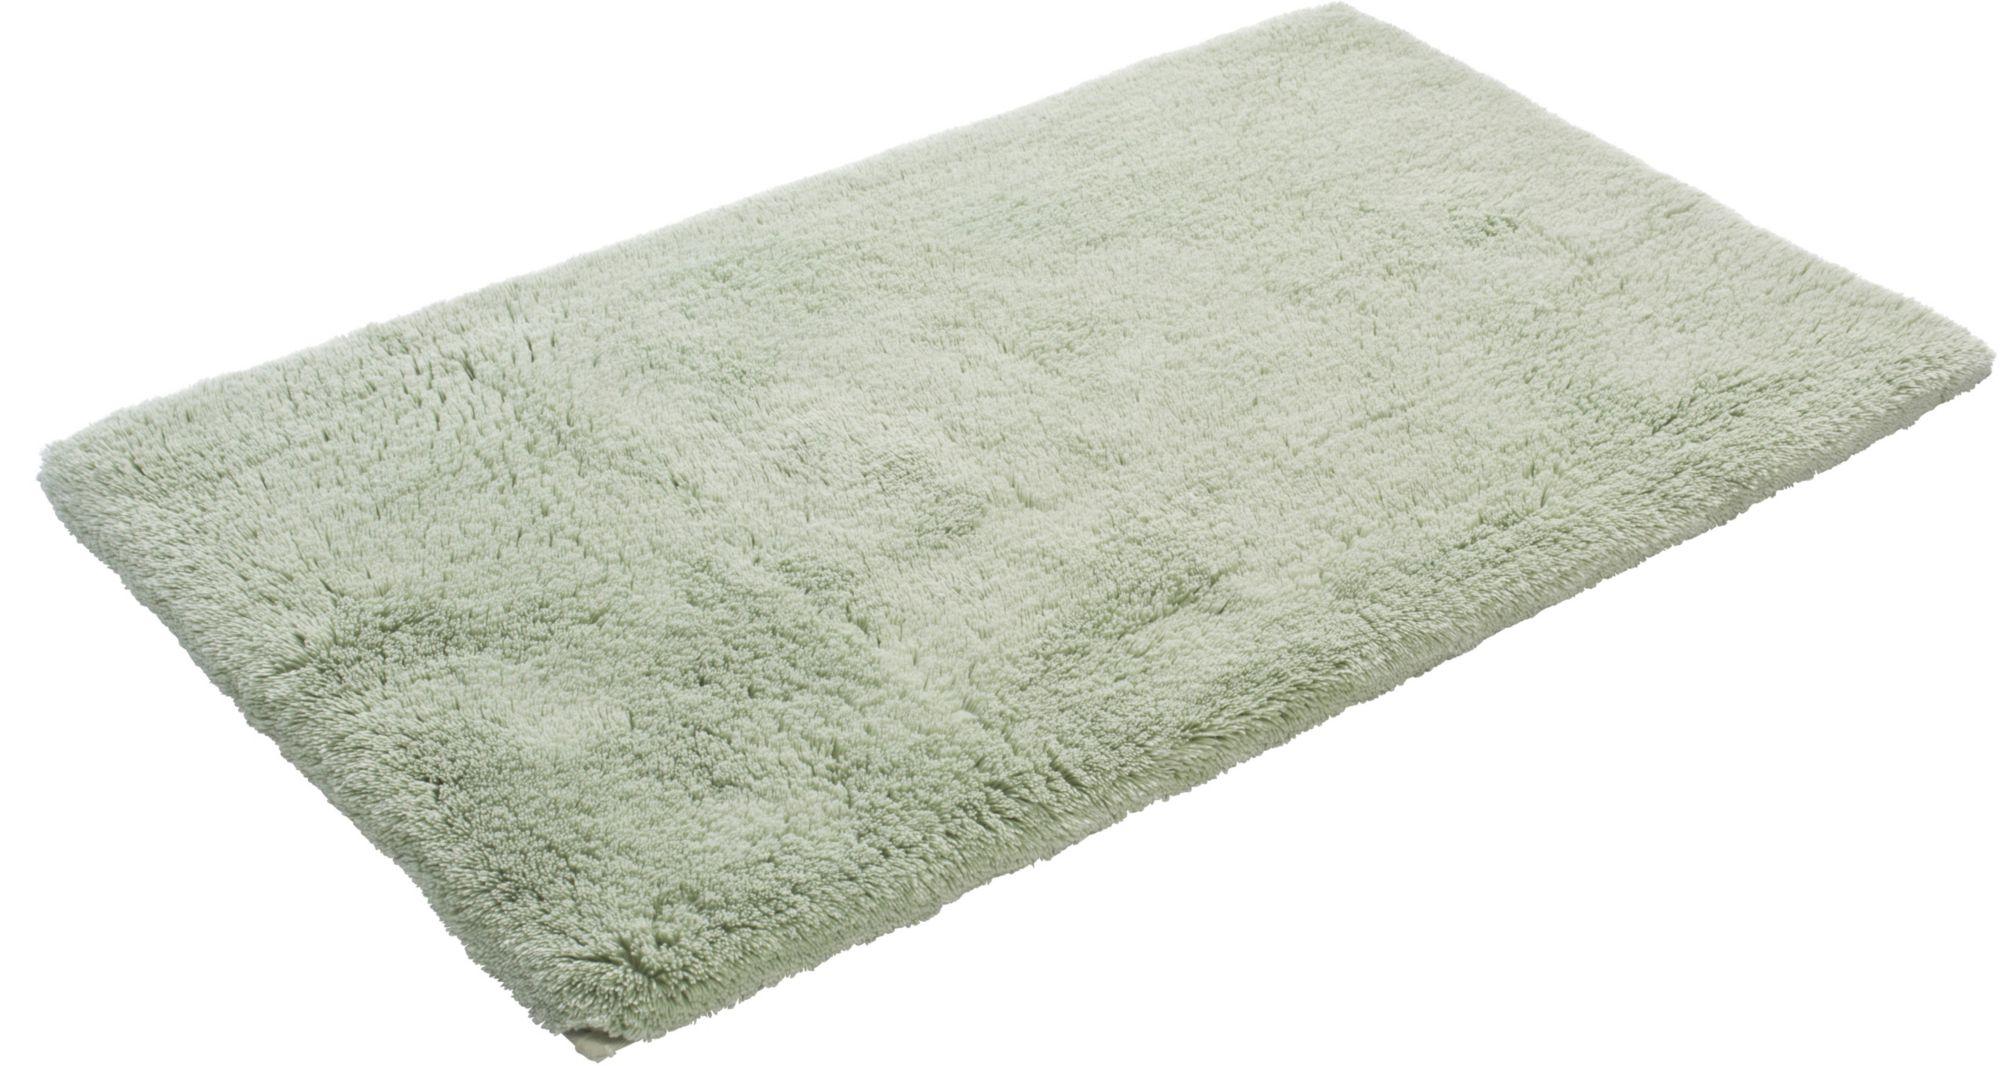 GRUND Badematte, Grund, »CALO«, Höhe 24 mm, Bio-Baumwolle, rutschhemmender Rücken